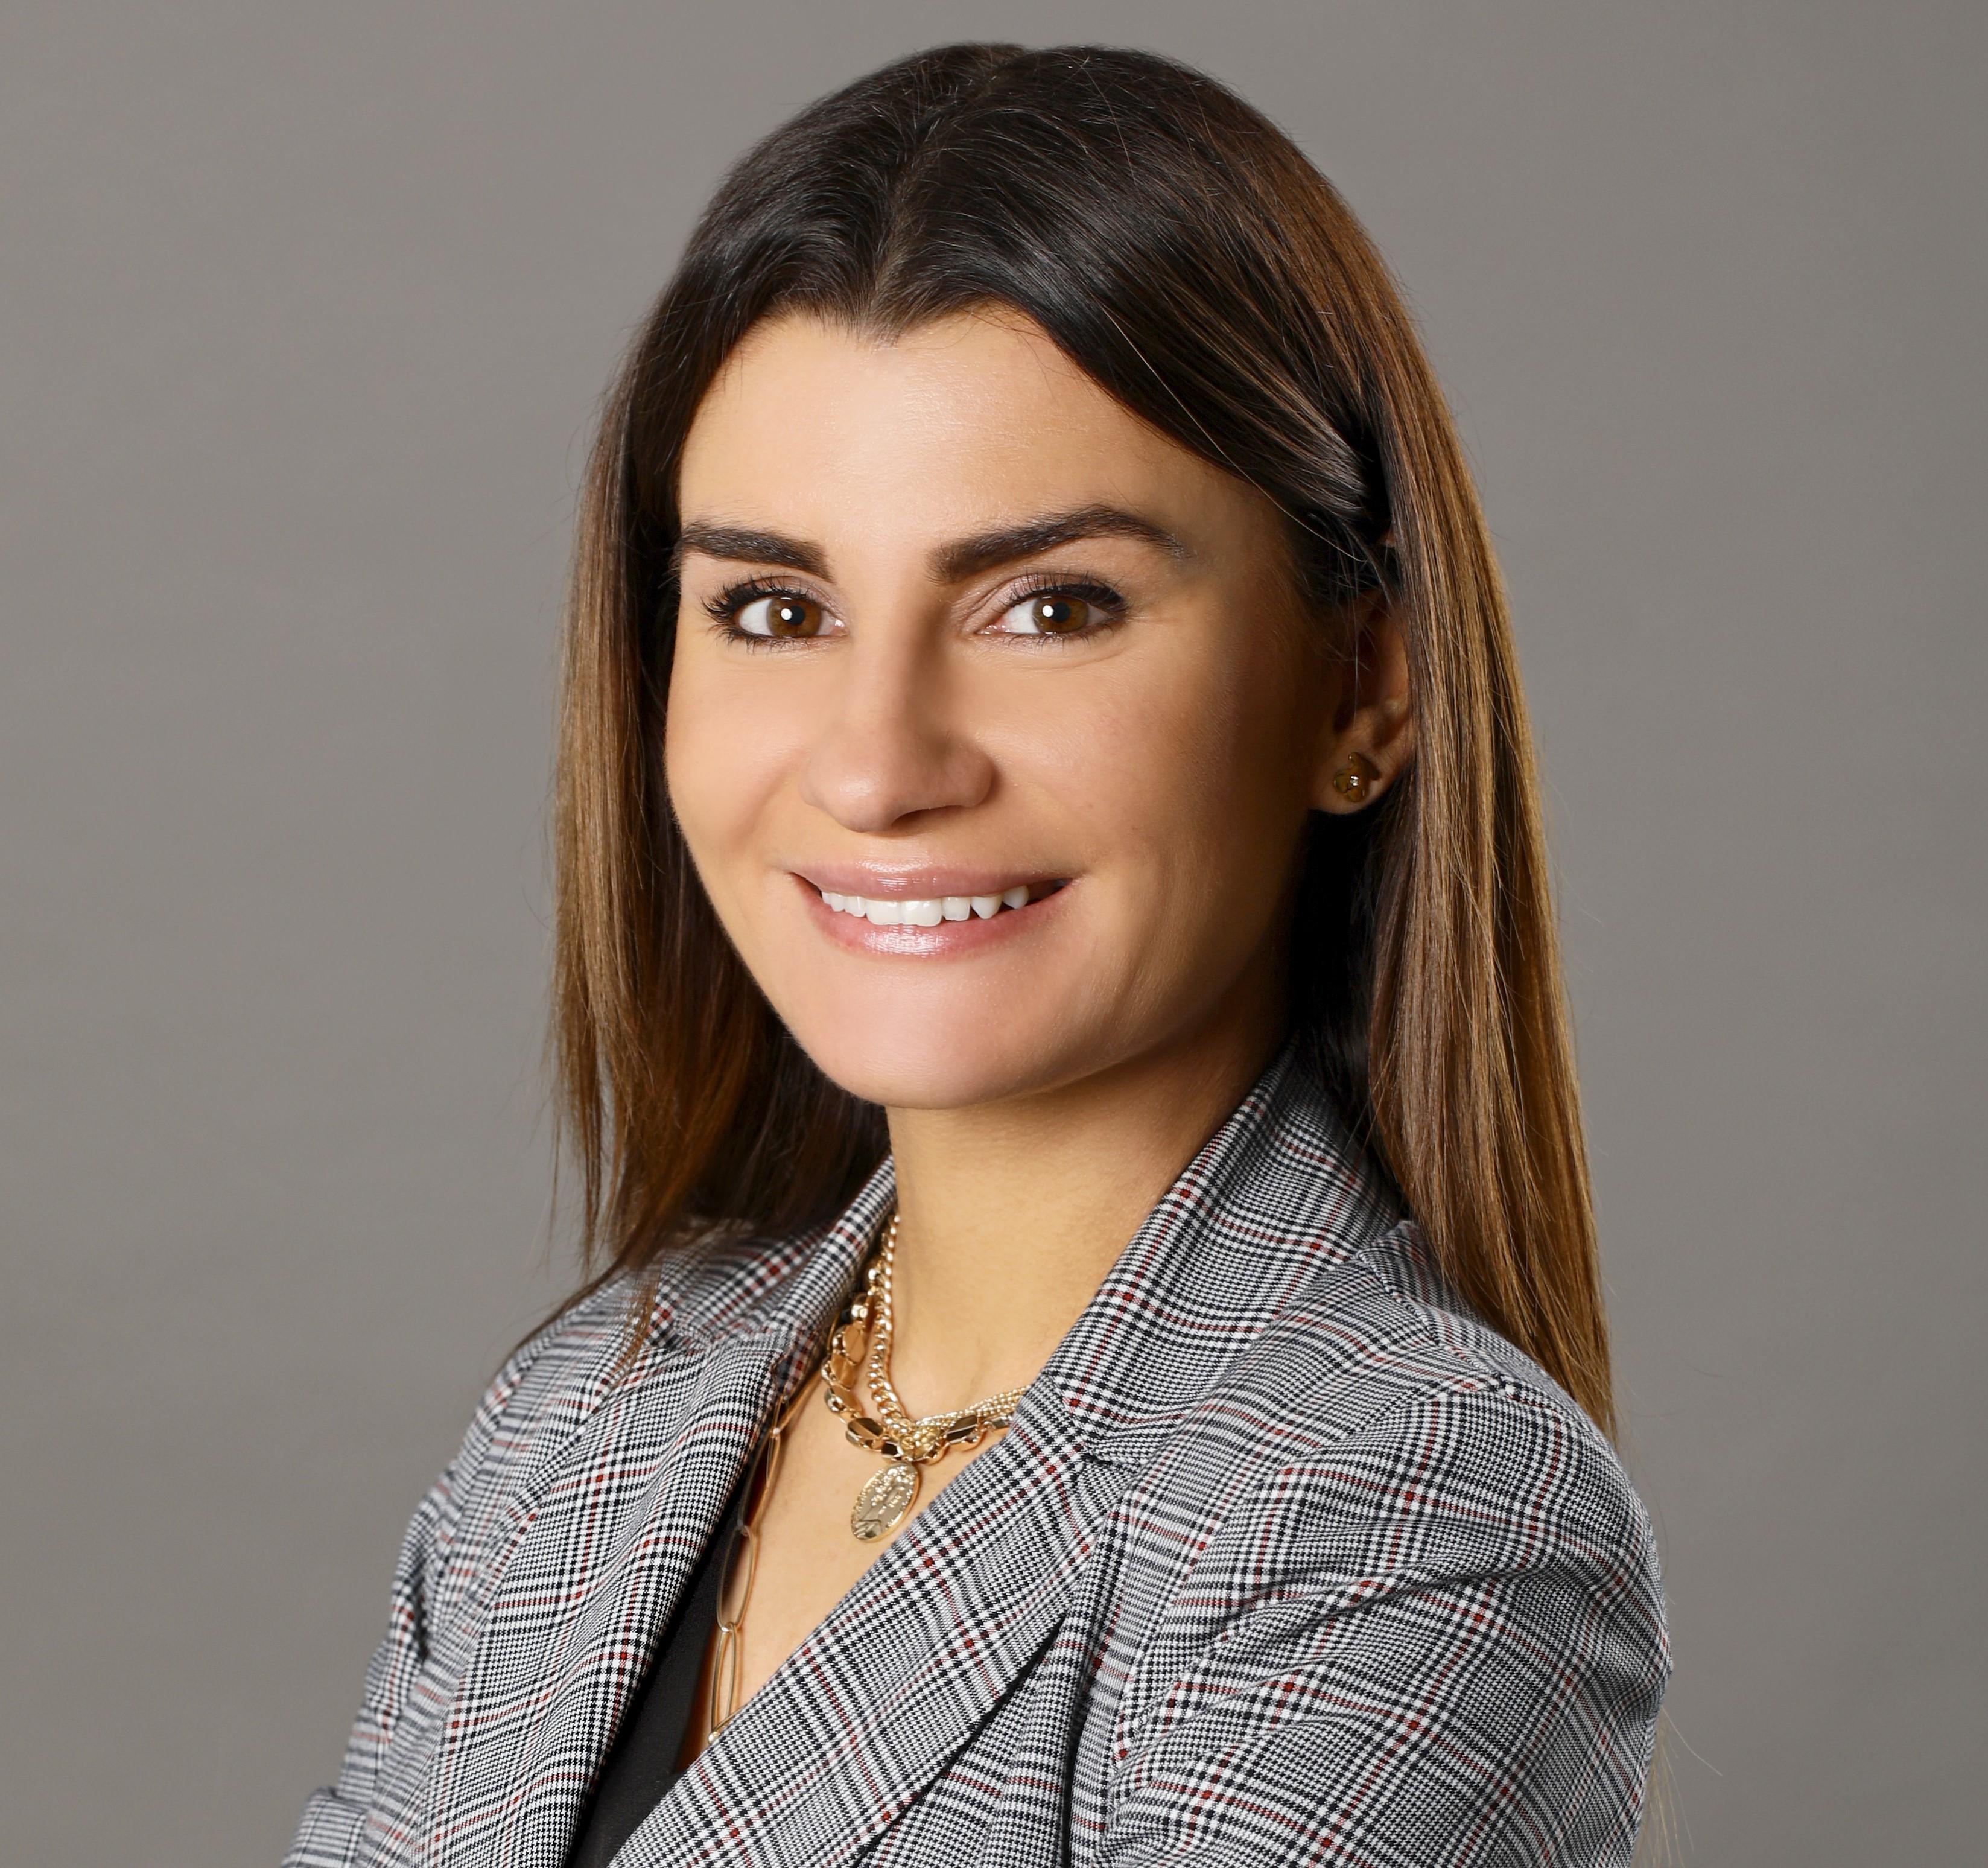 adw. Izabela Baran